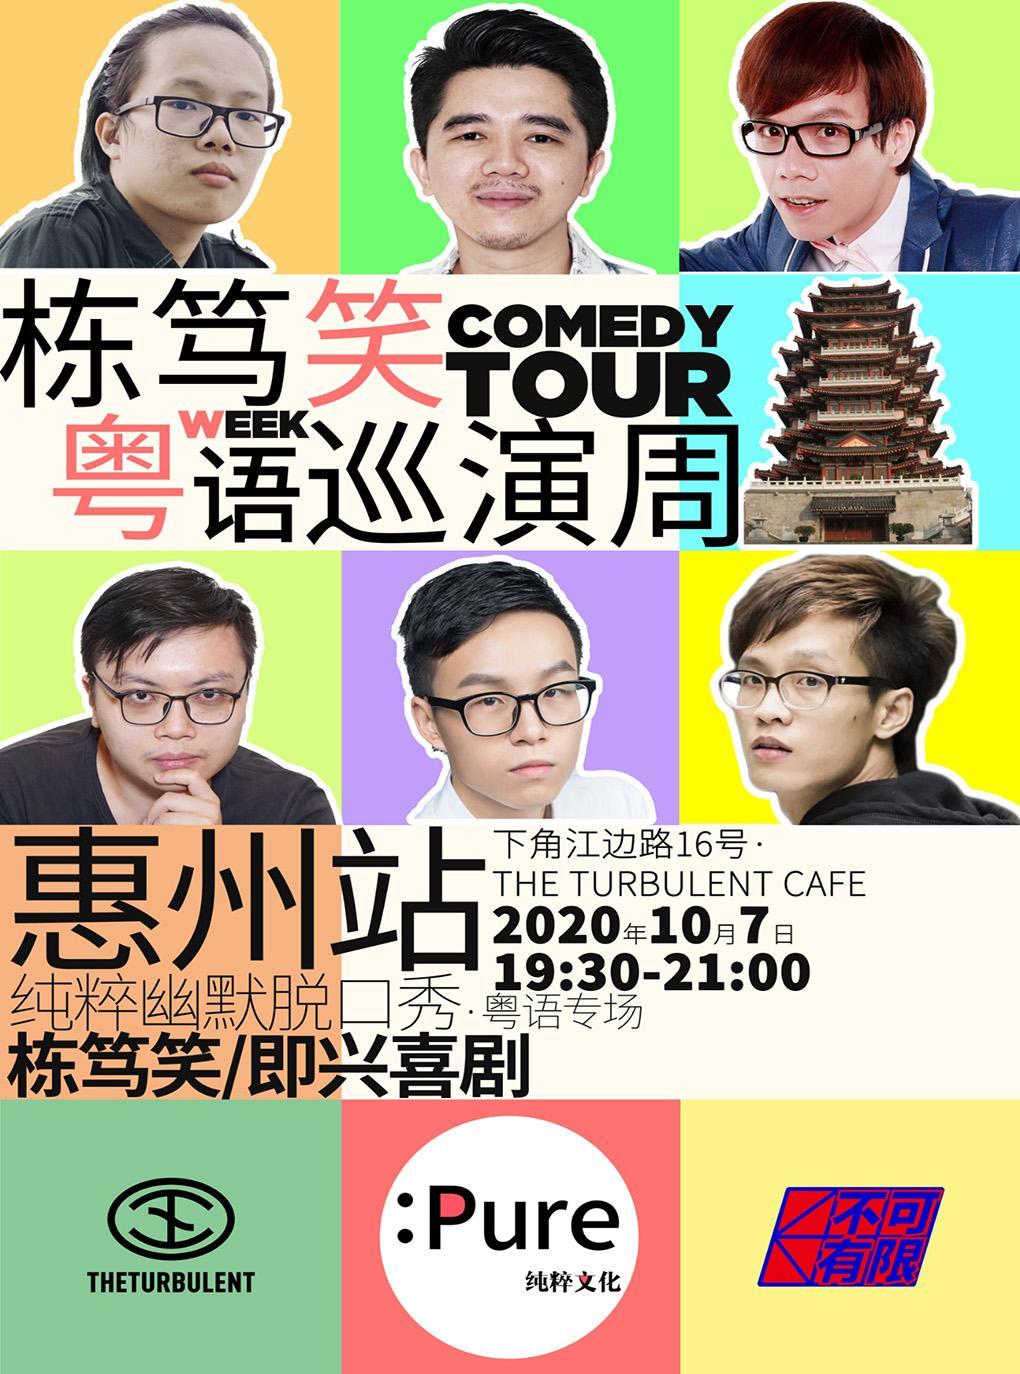 纯粹幽默栋笃笑巡演周|惠州站脱口秀